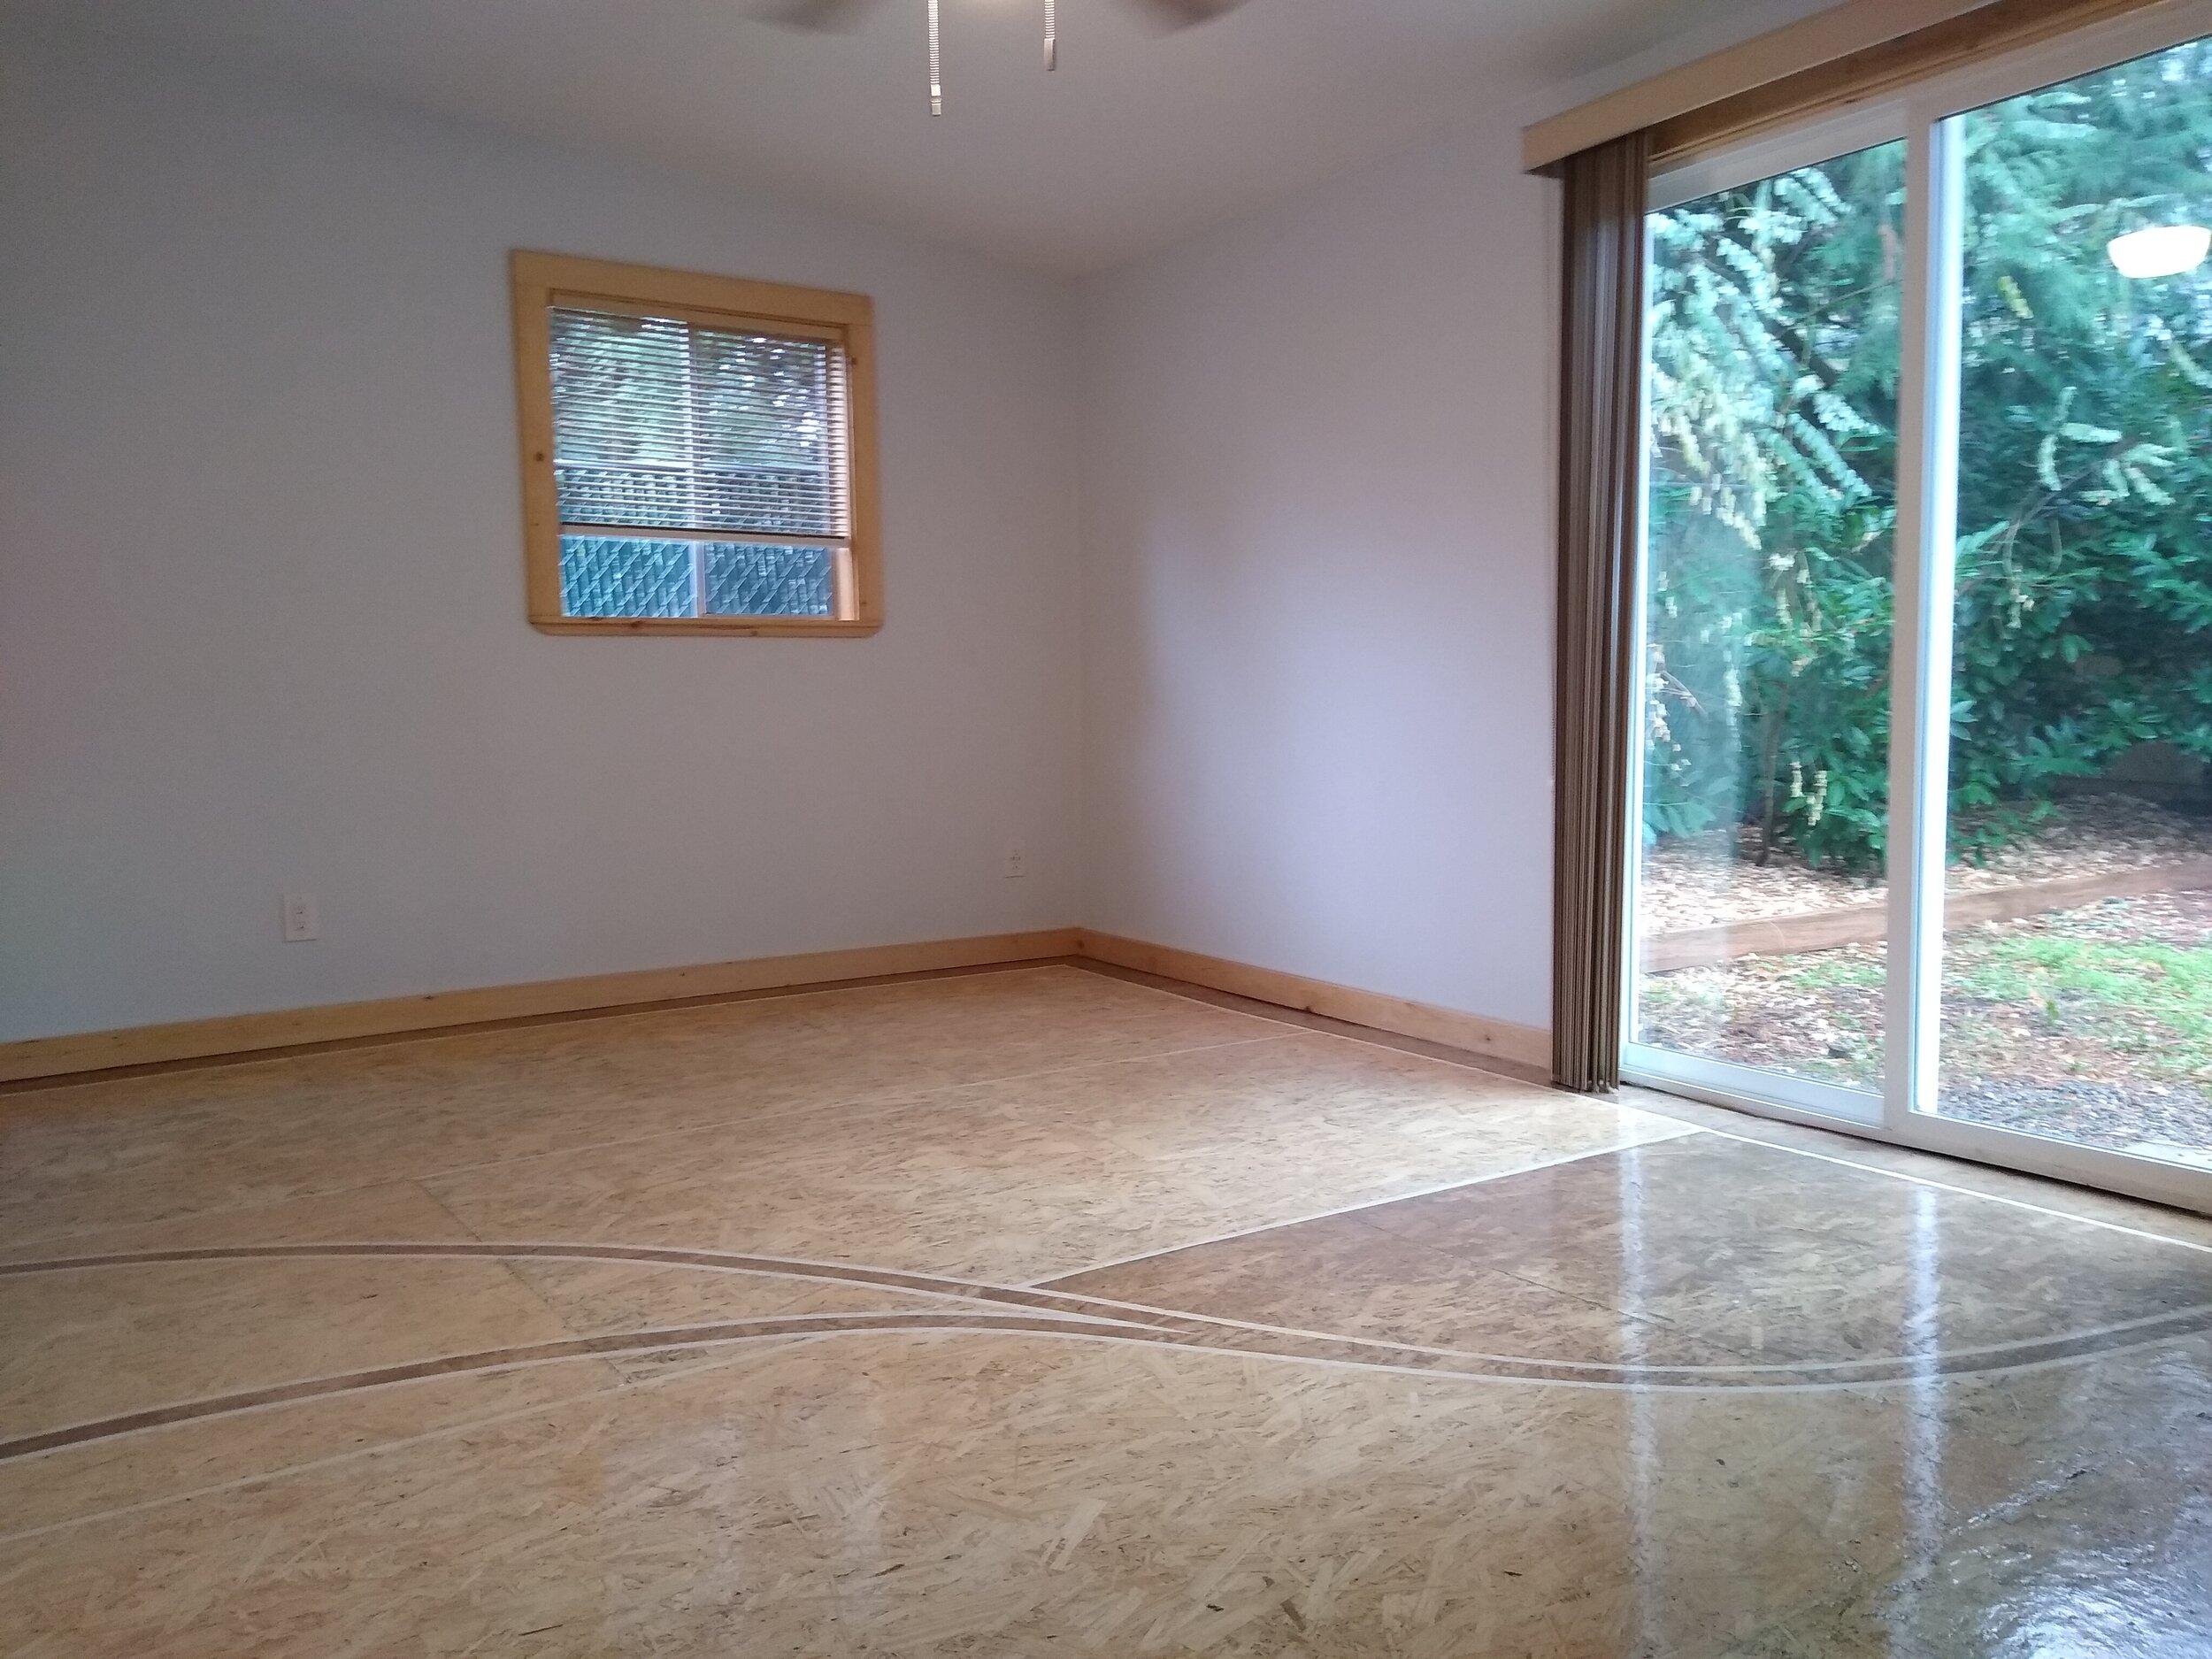 331 mcclaine 1 bedroom (1).jpg